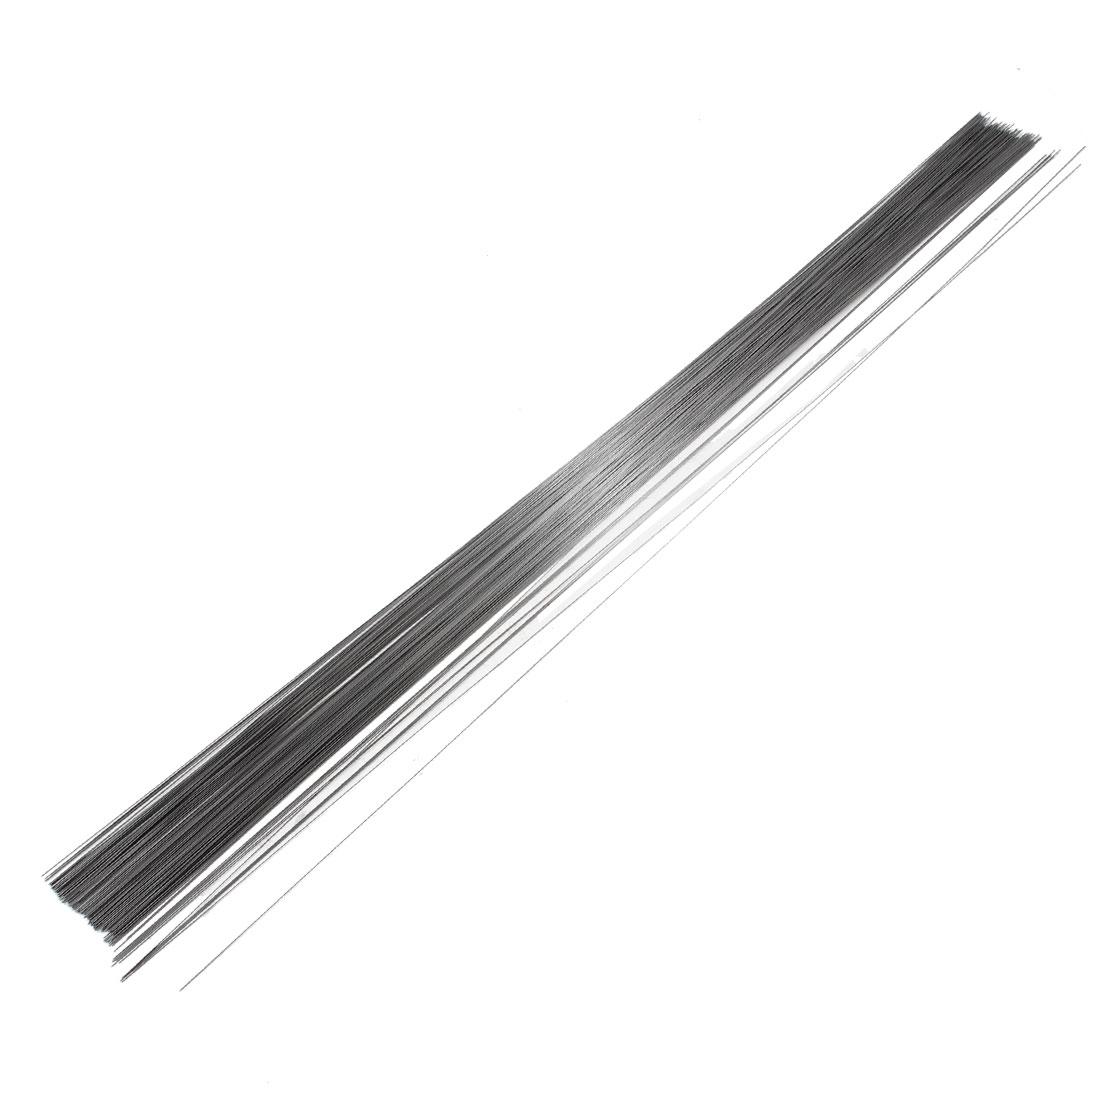 200 Pcs Cerium Electrode TIG Welding 0.4mm x 500mm